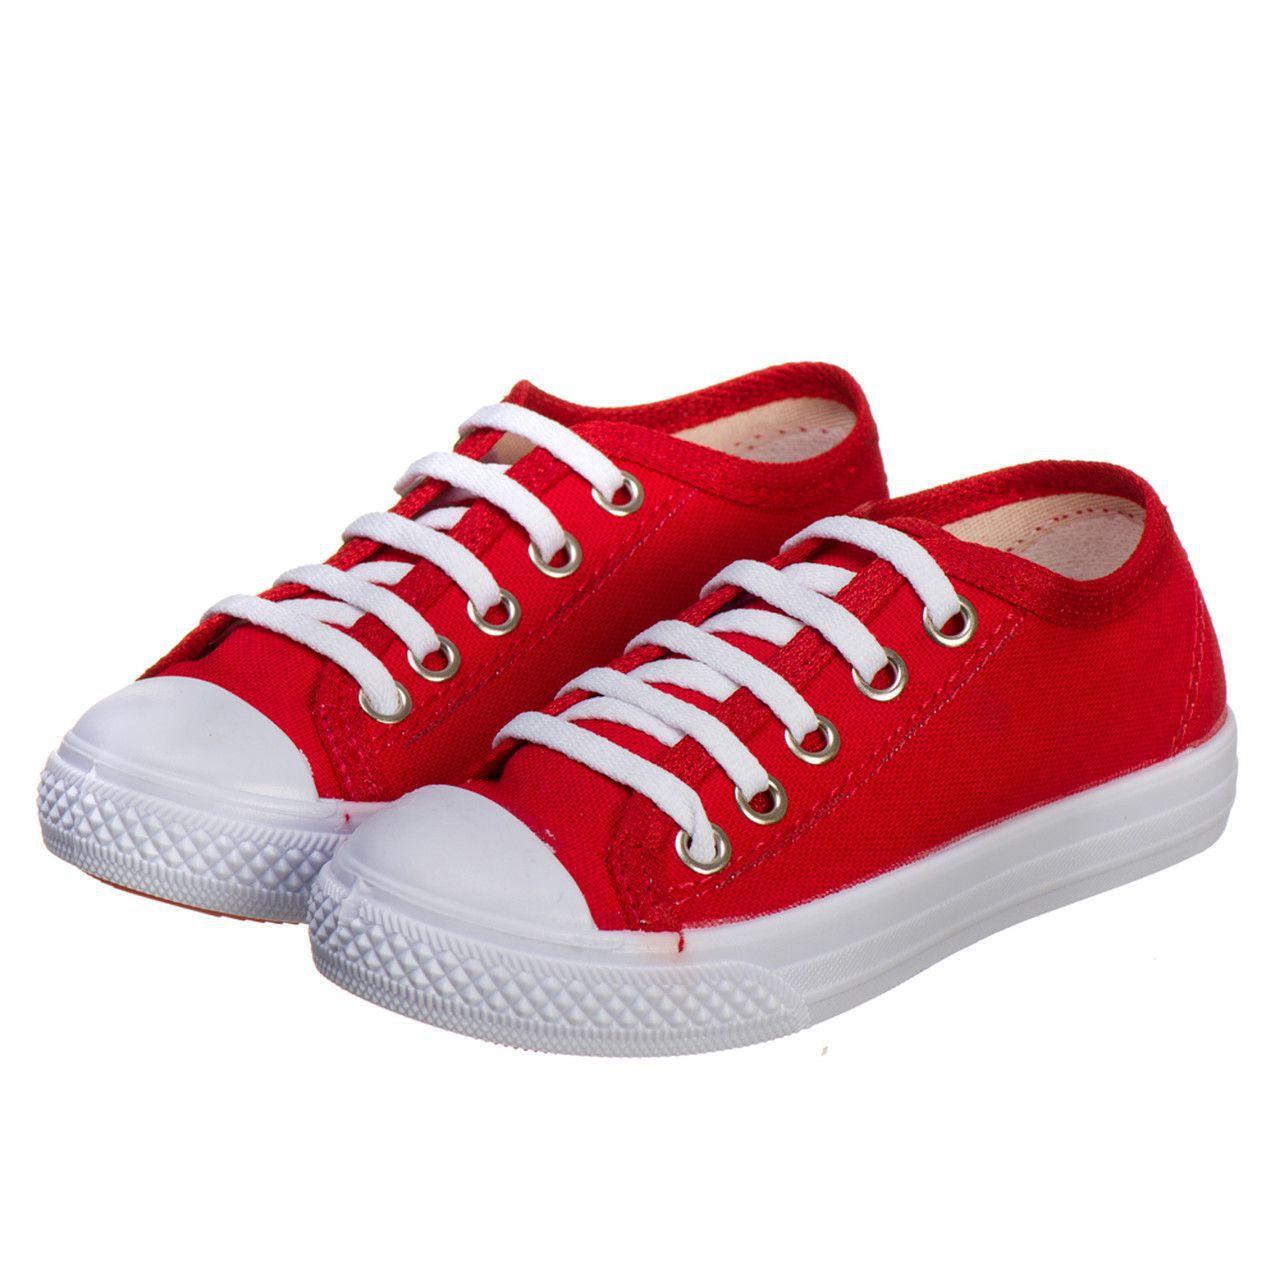 784941251e Tênis Infantil Masculino e Feminino Escolar Vermelho - Kapell Calçados